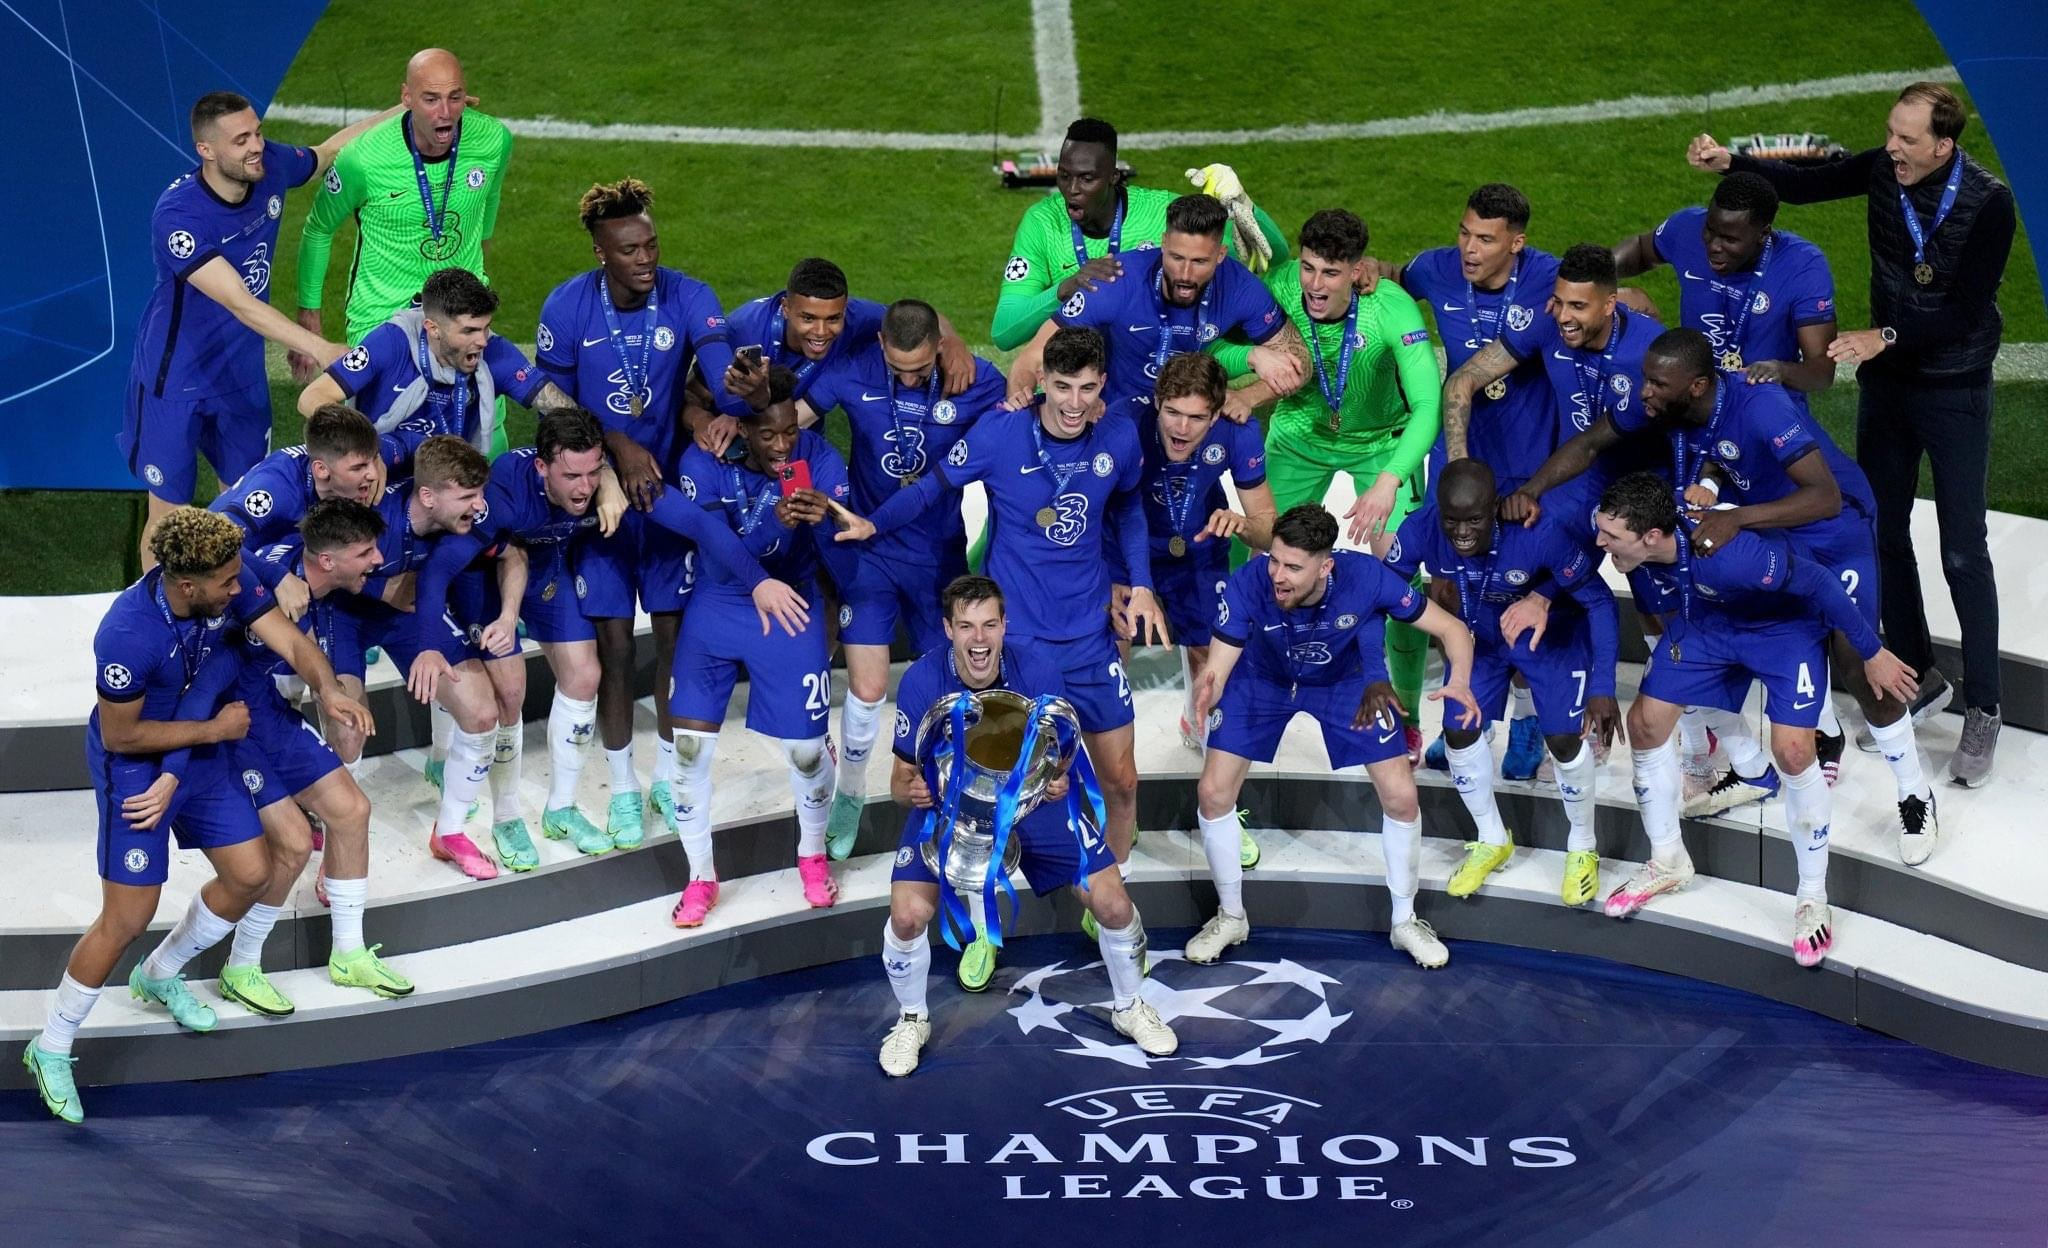 Finale de la Ligue des Champions 2021 : Chelsea d'Édouard Mendy champion d'Europe !